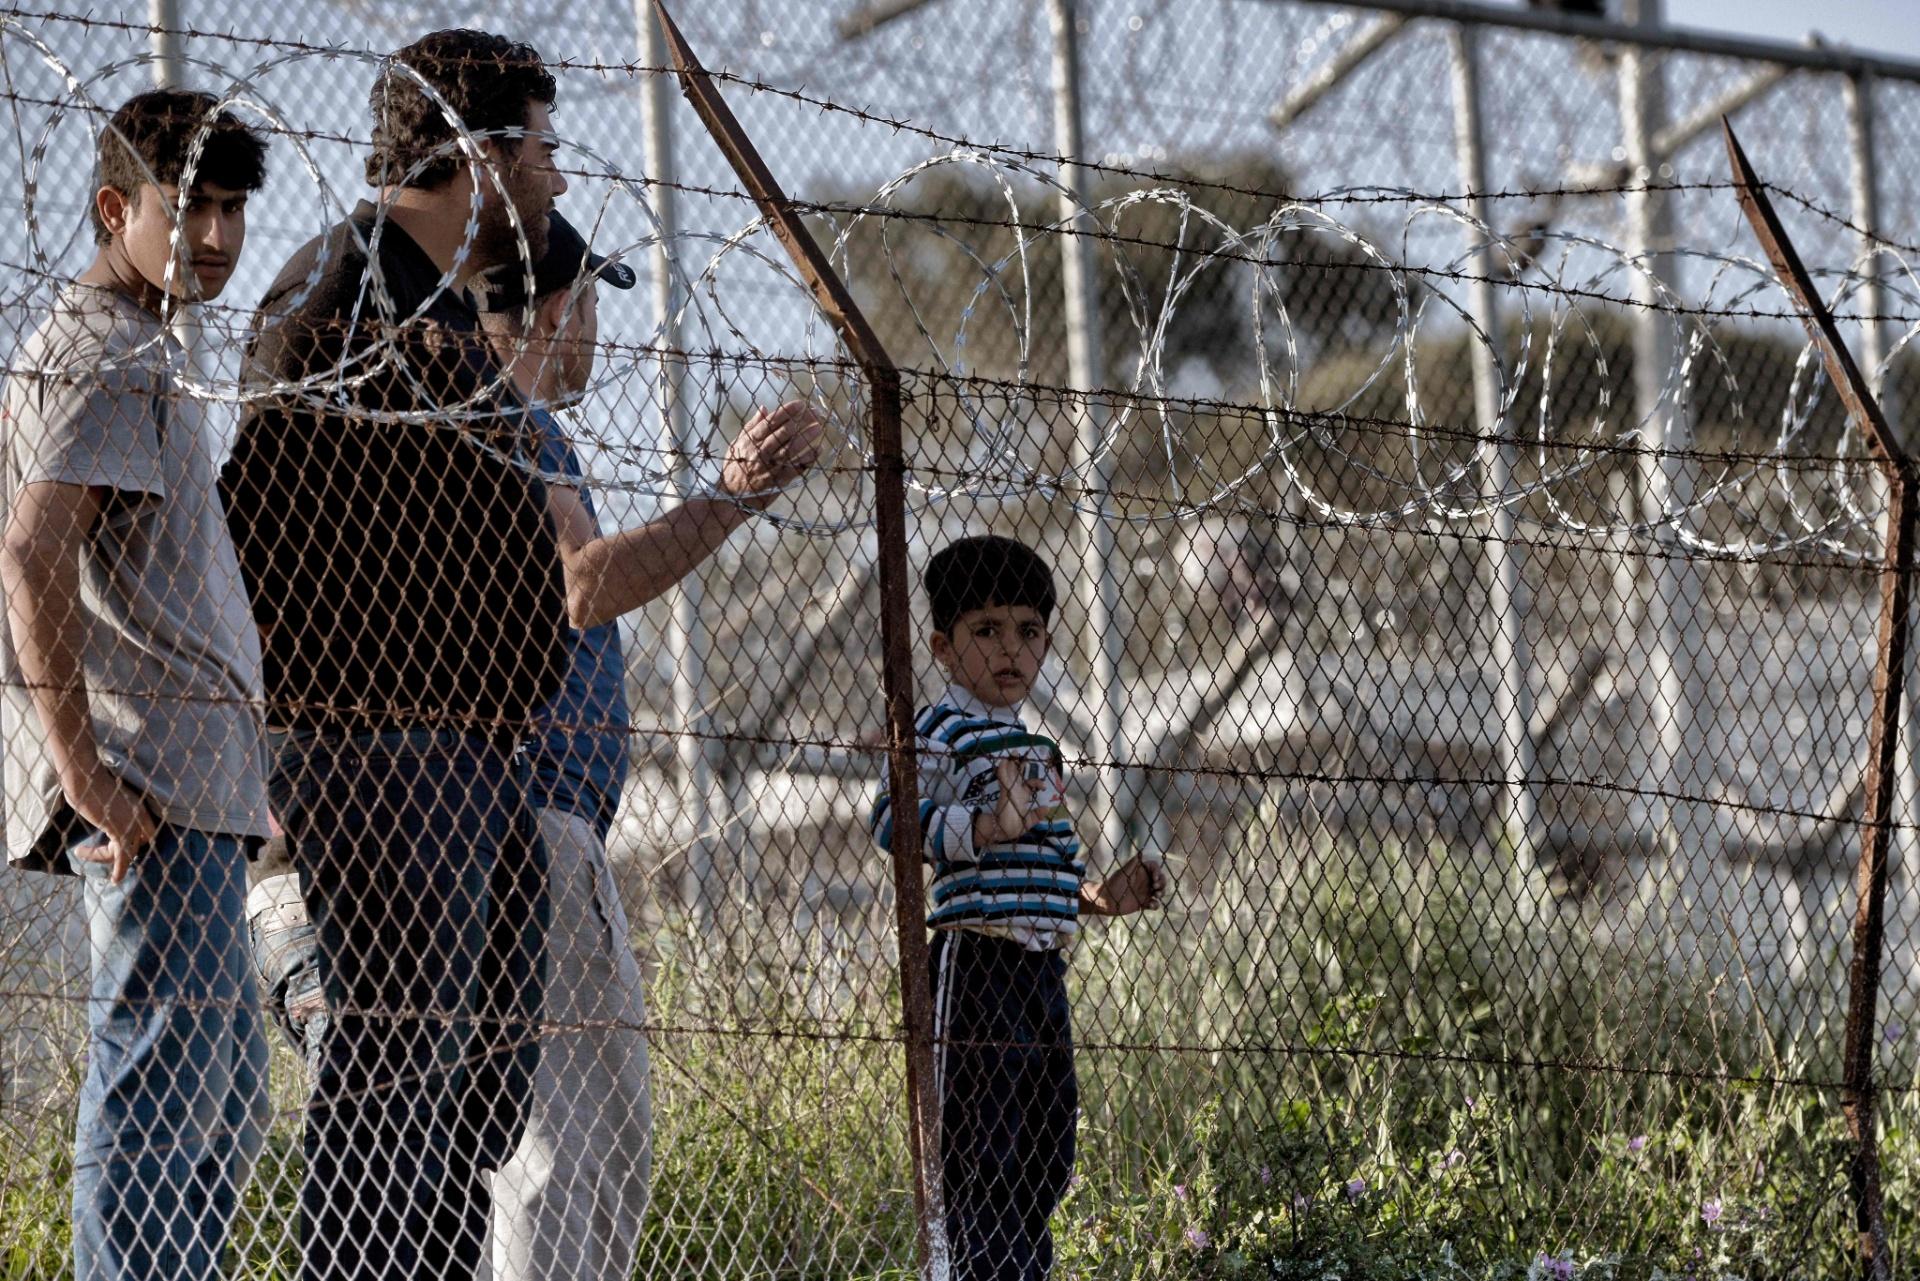 Centro de detenção de Moria, na Grécia